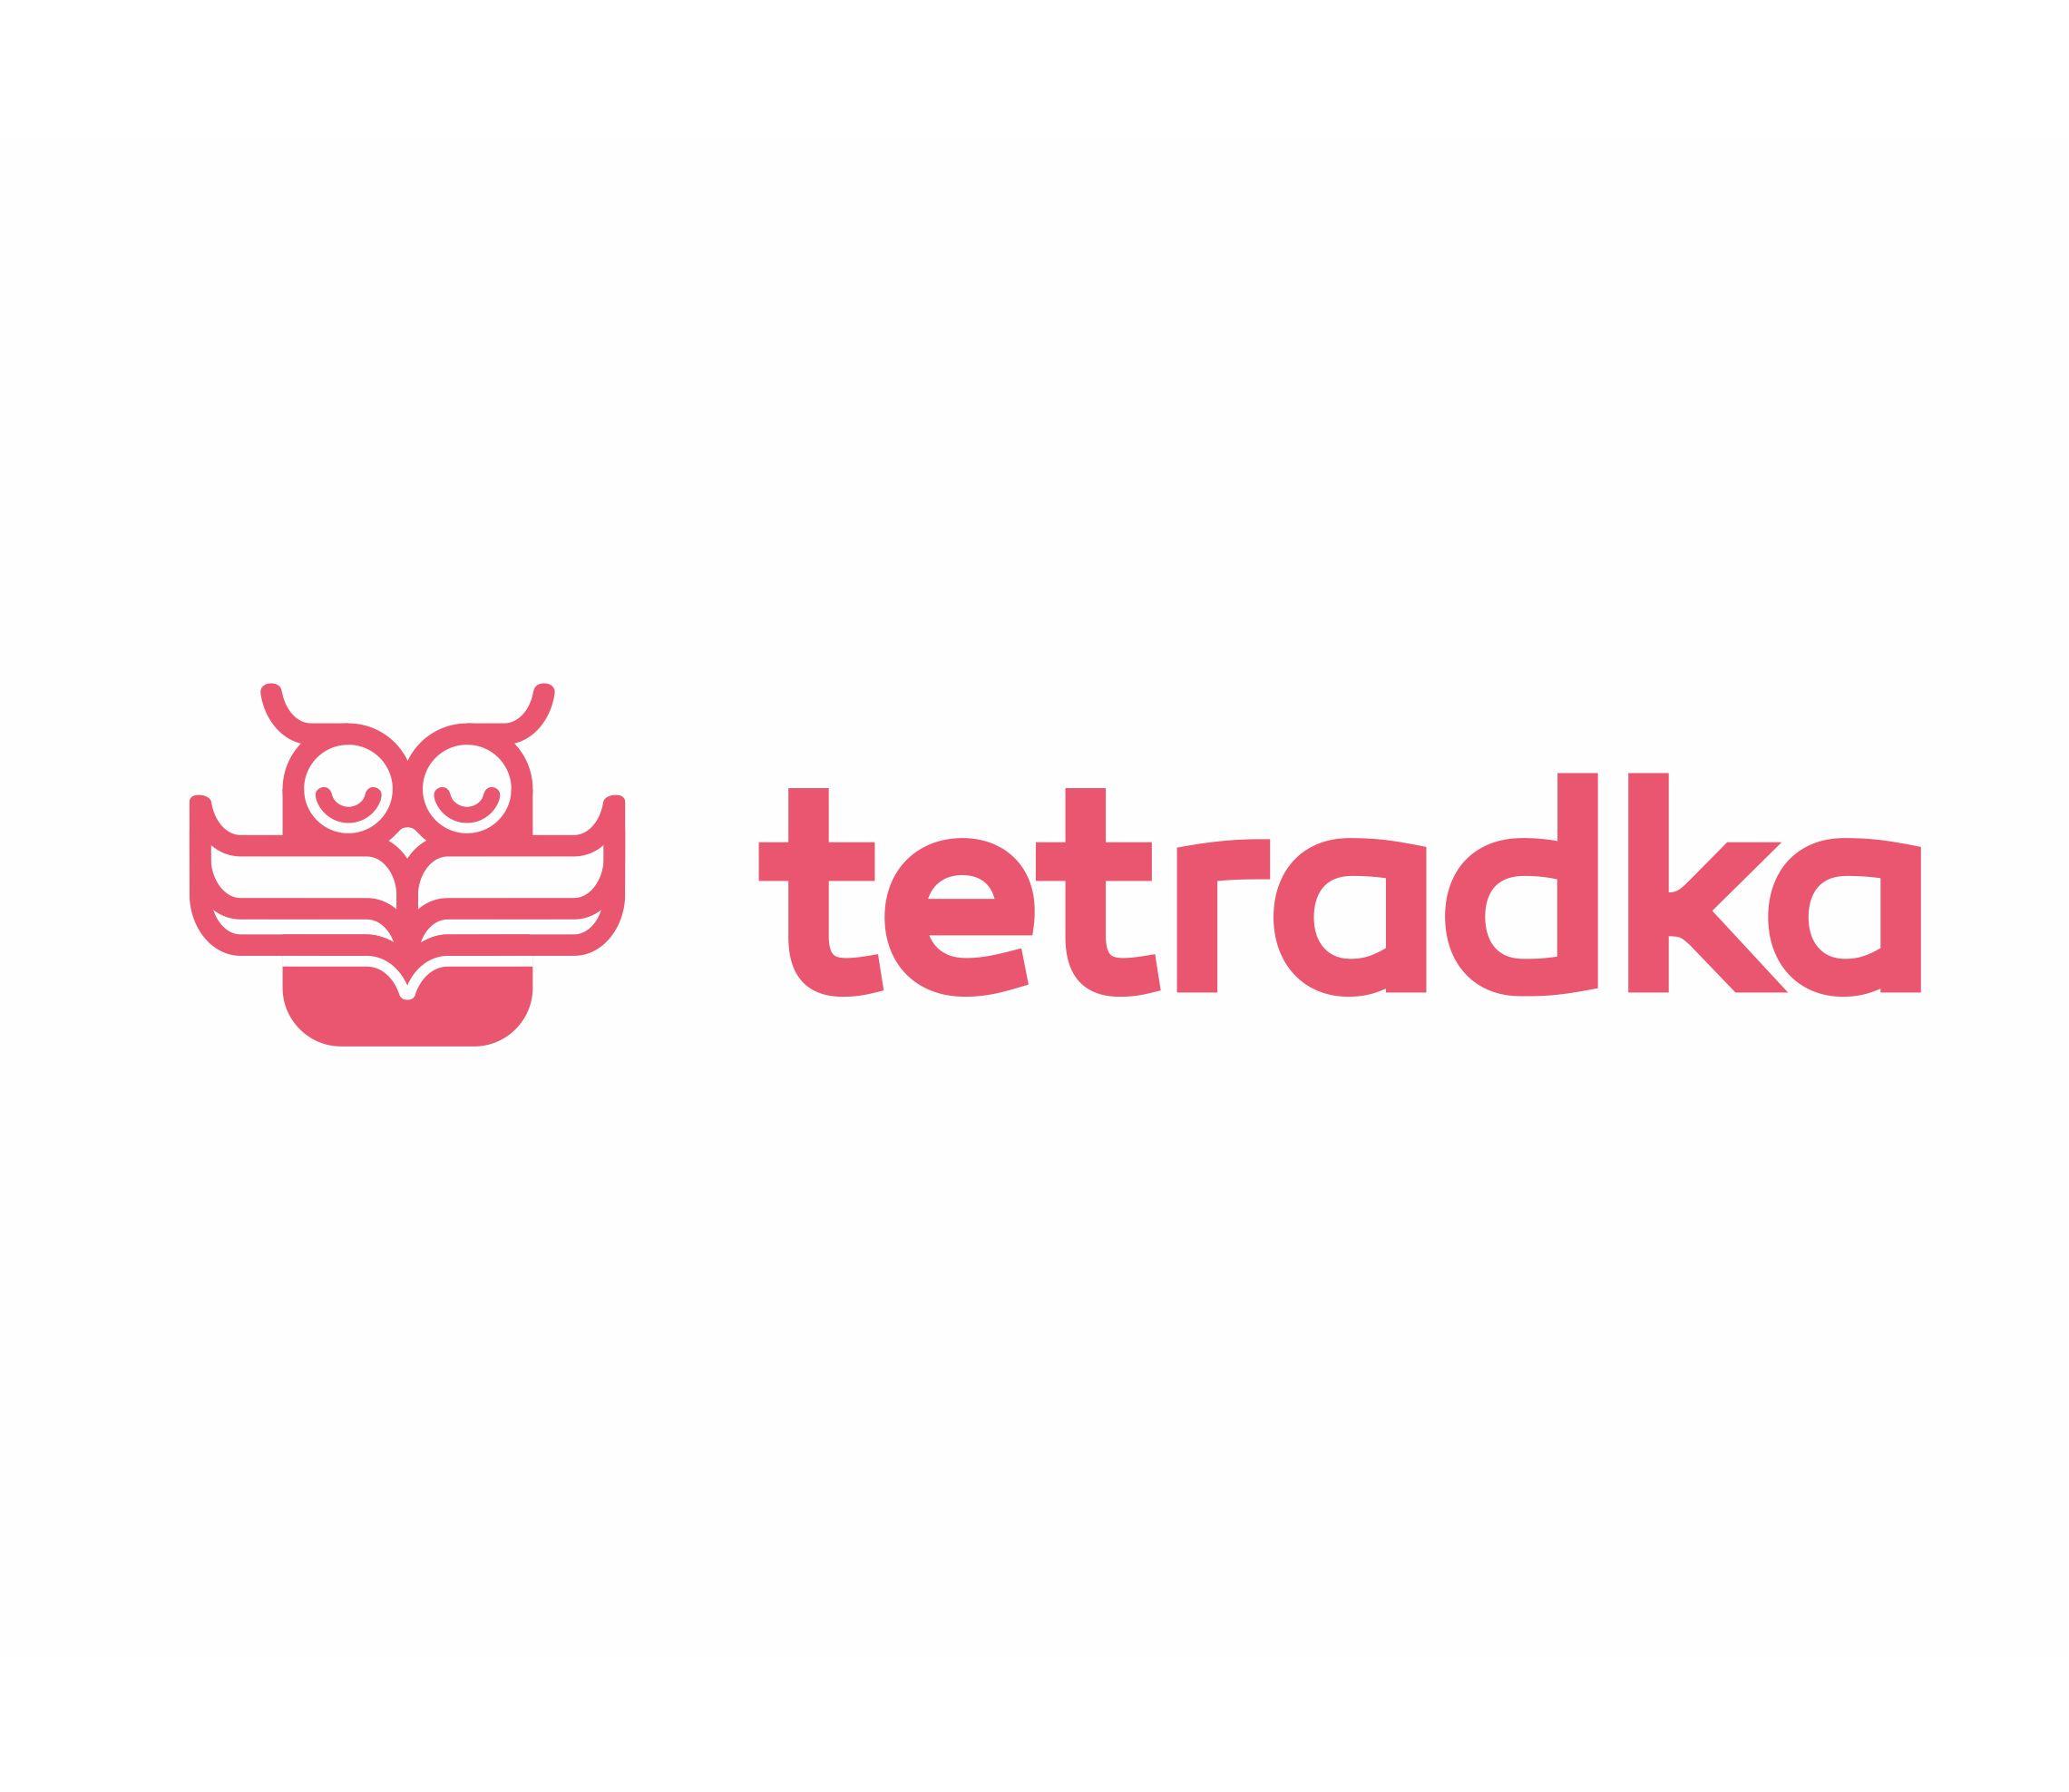 Логотип для образовательной сети tetradka.ru - дизайнер dub8